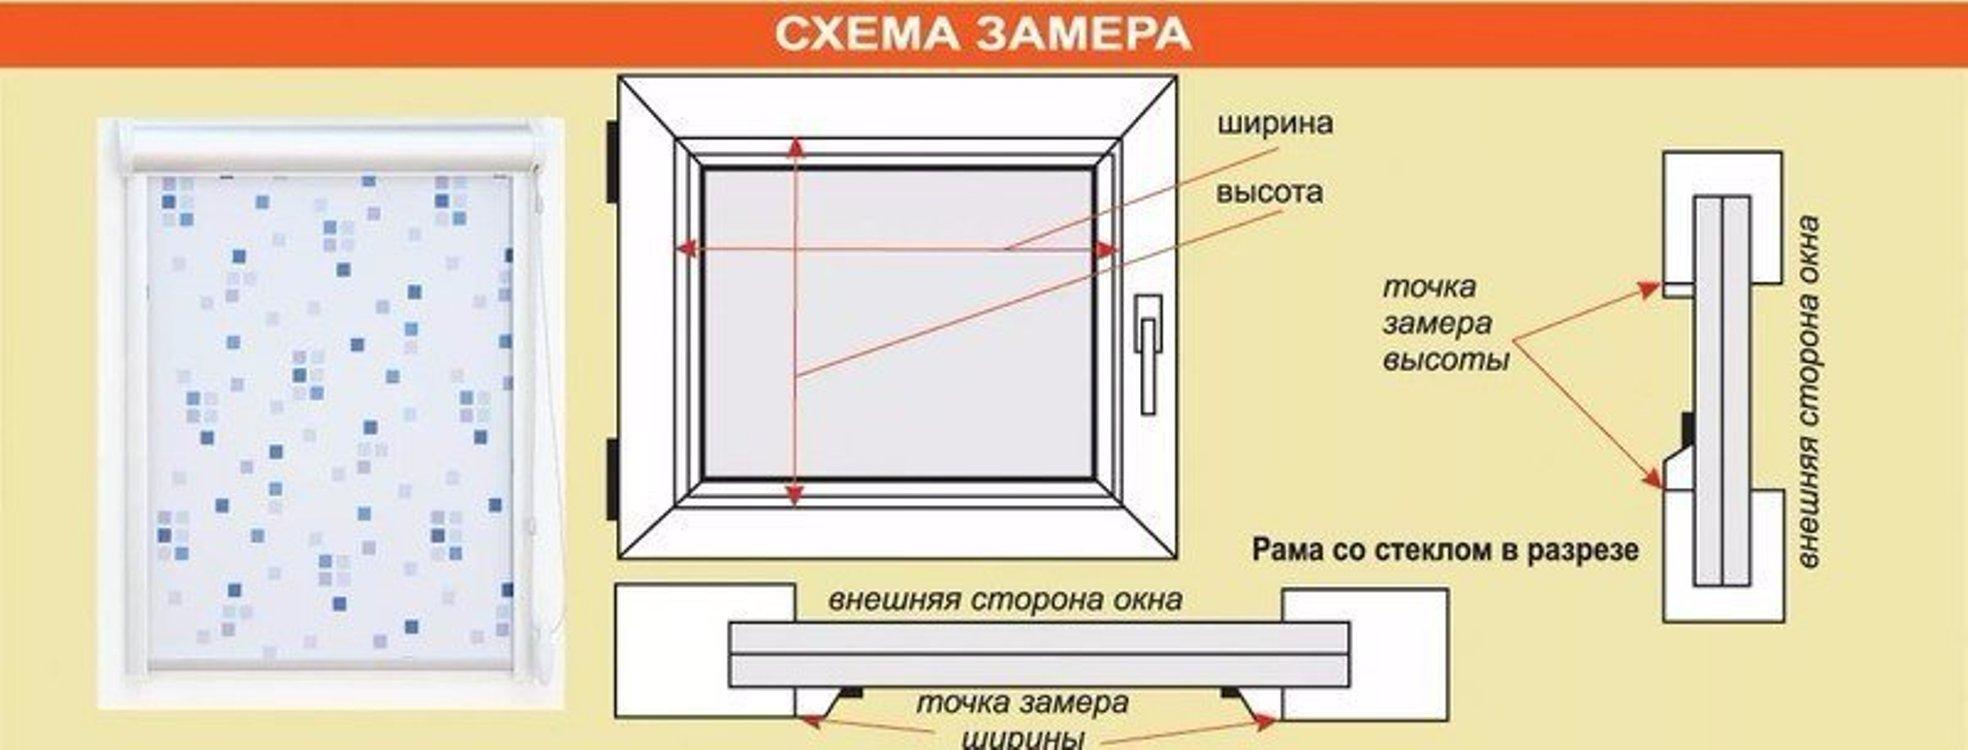 Как сделать замер стеклопакета в пластиковом окне